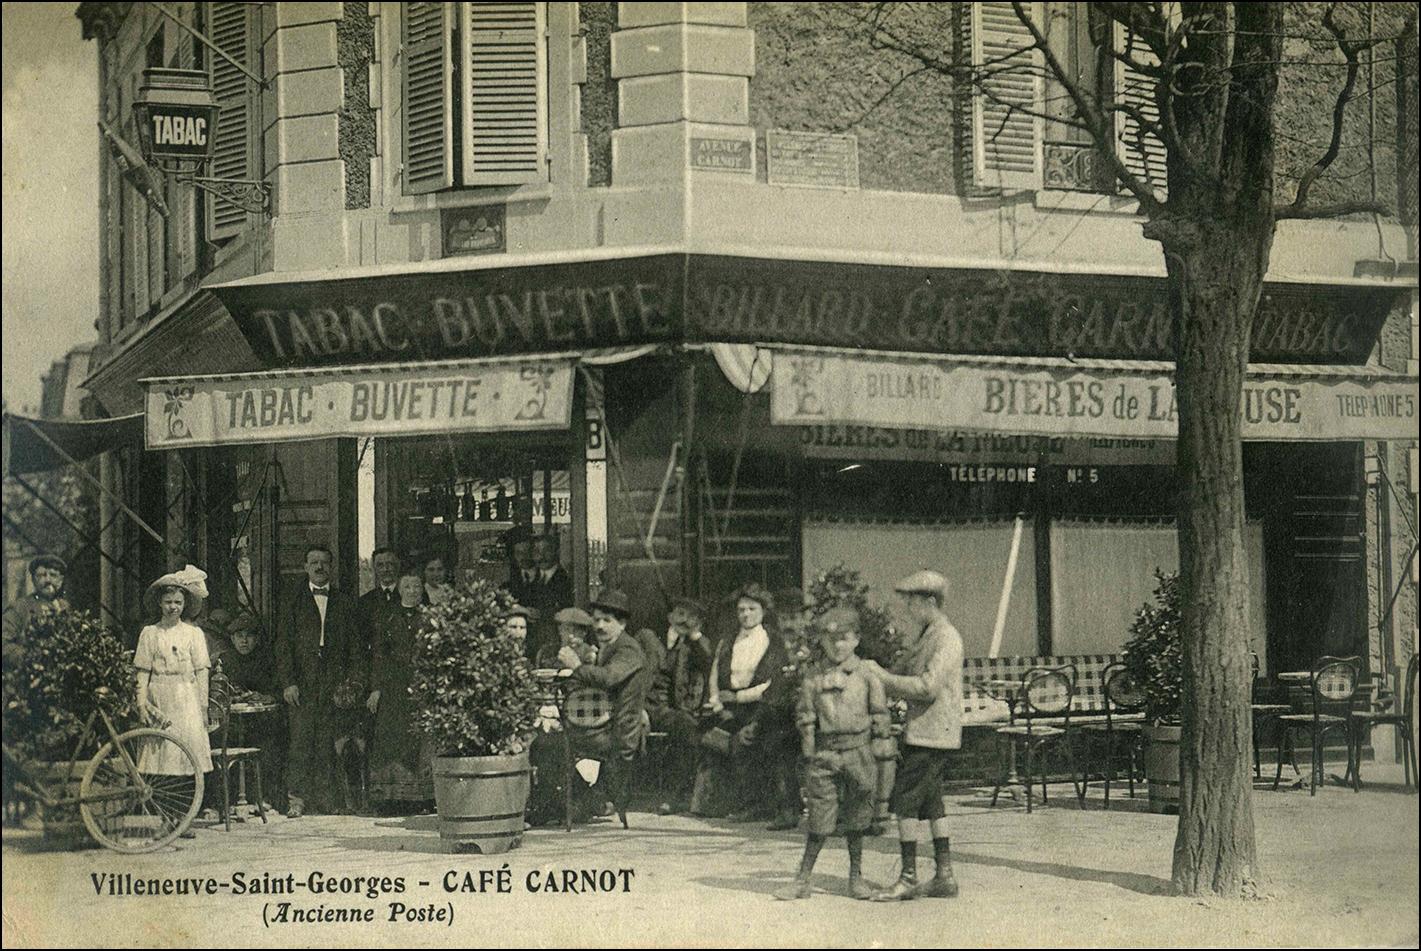 1 Cafe Carnot